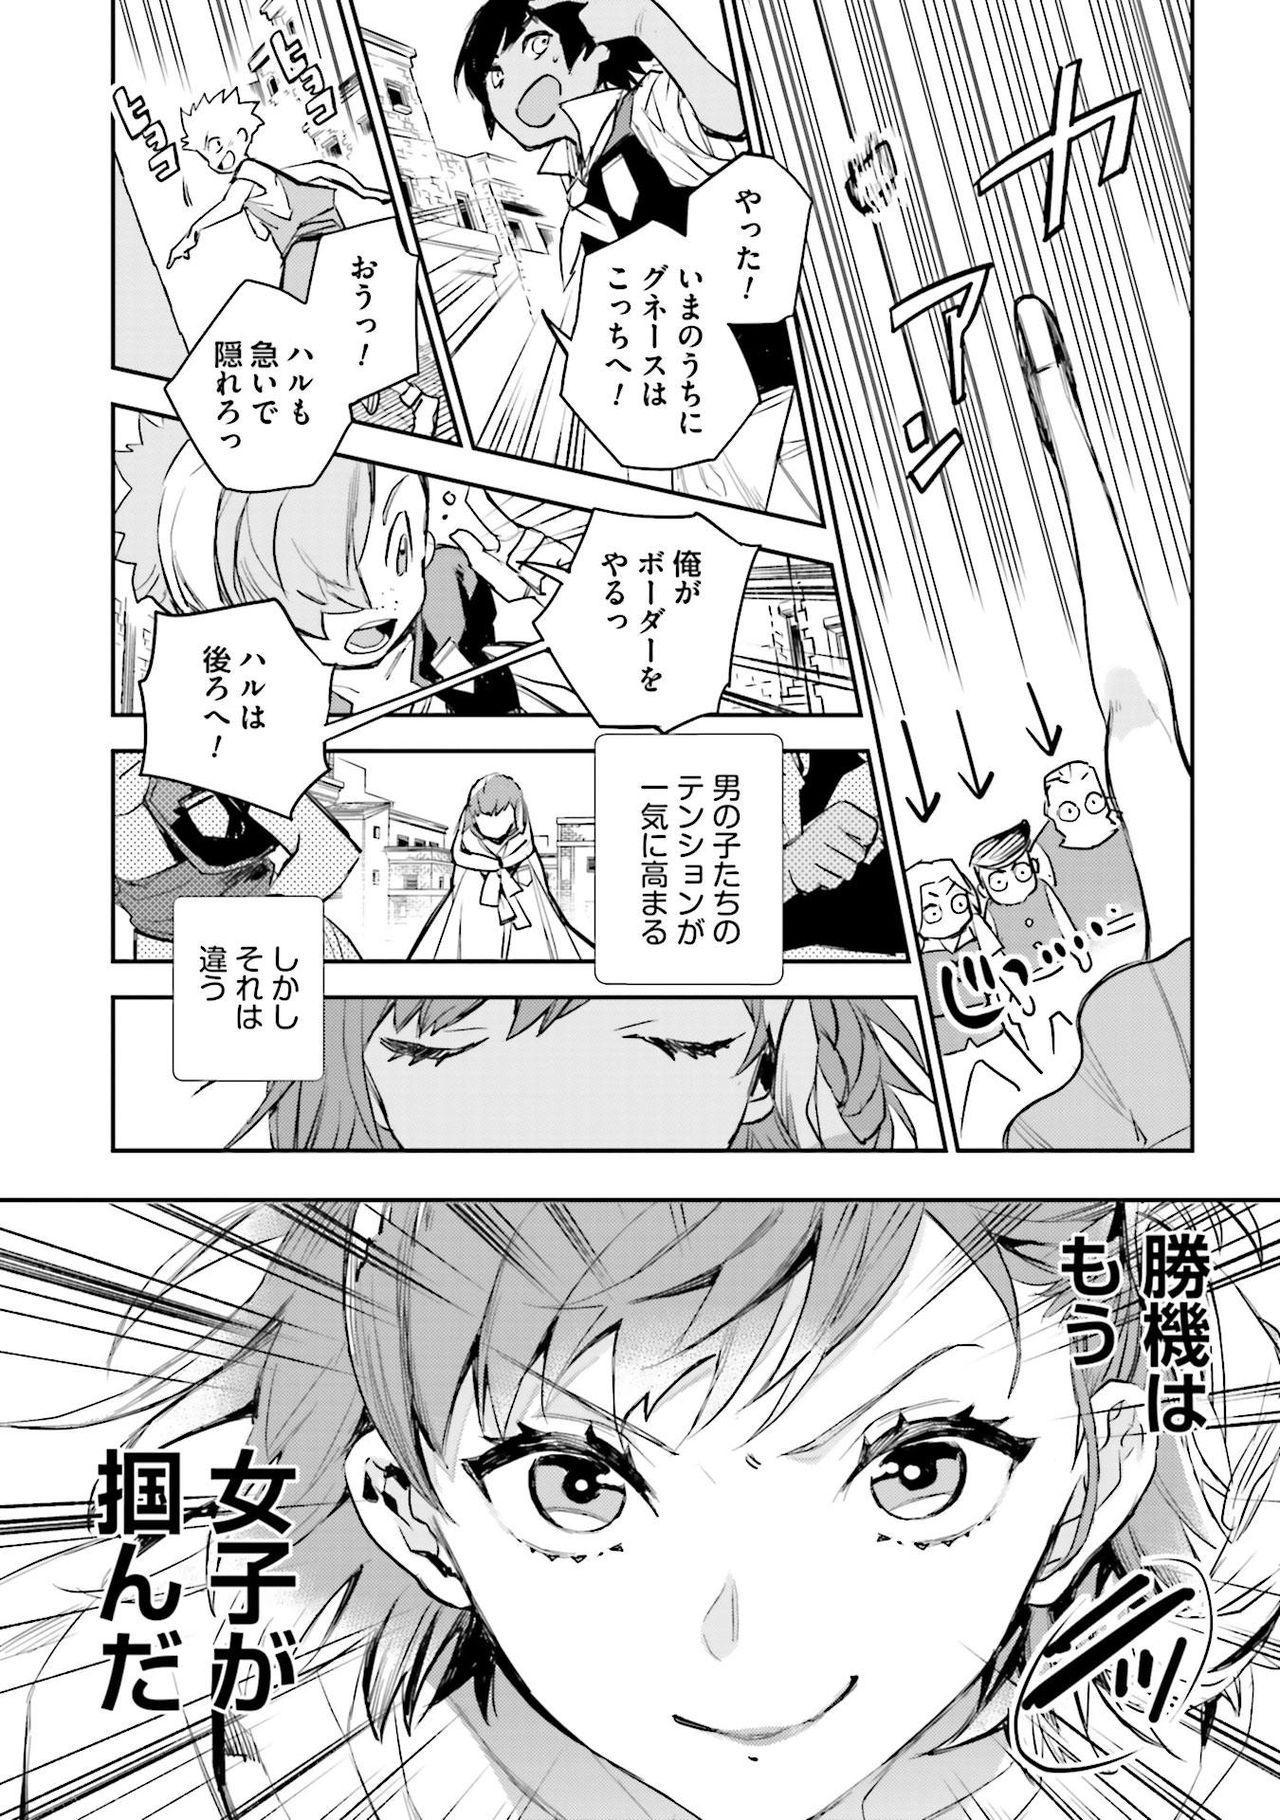 JK Haru wa Isekai de Shoufu ni Natta 1-14 388